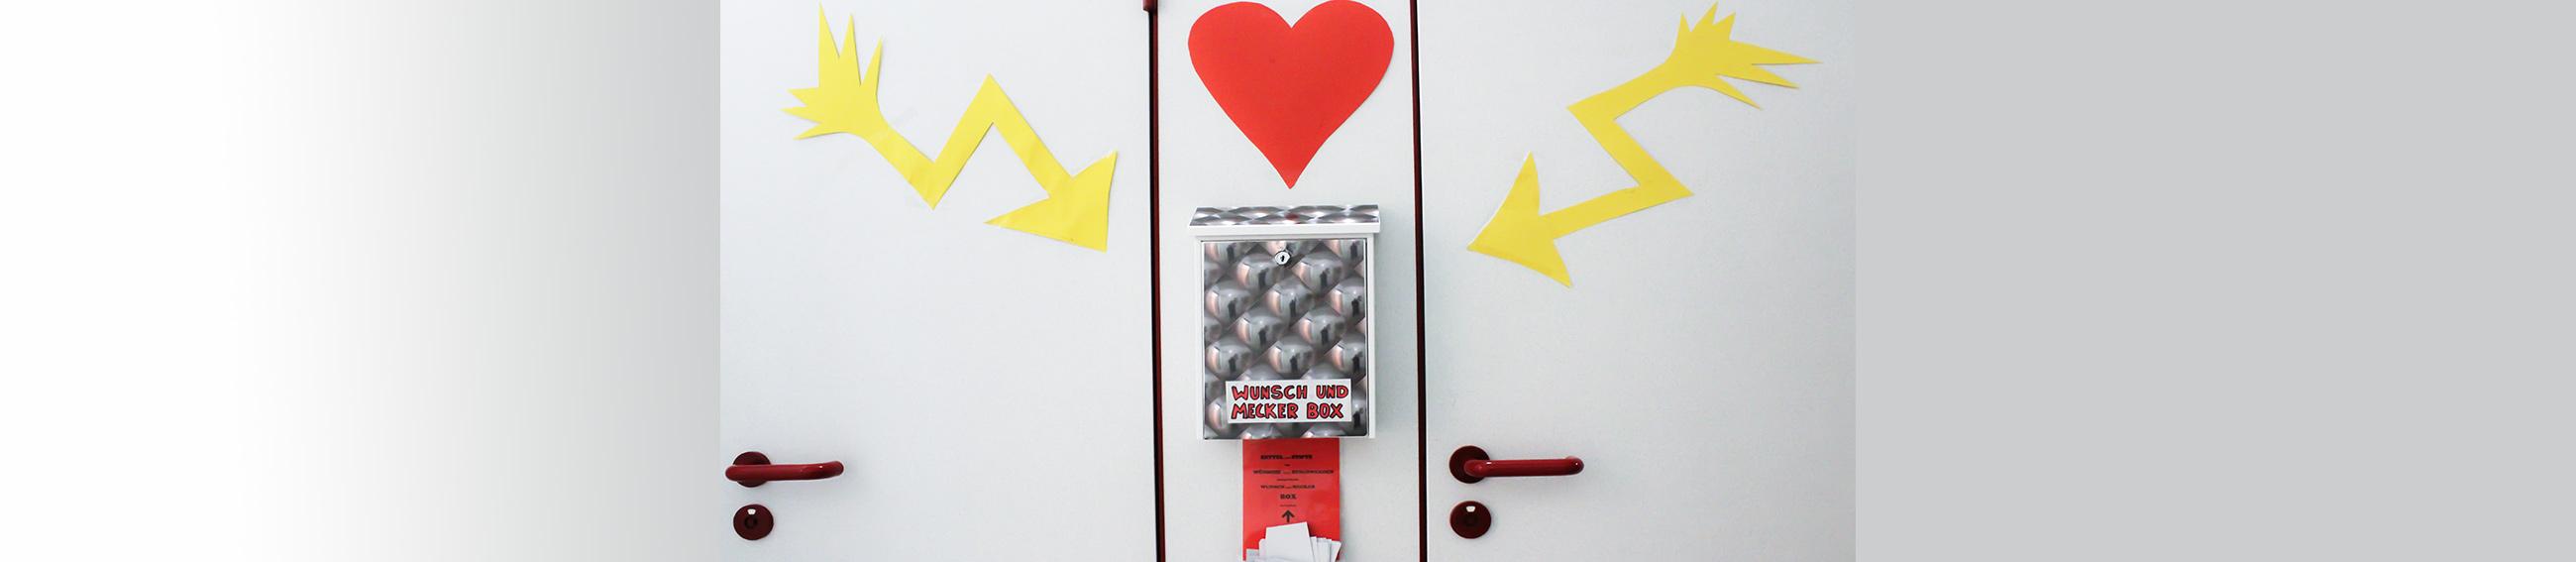 Wunsch-BOX im M*Z. Foto von L.Vandrei